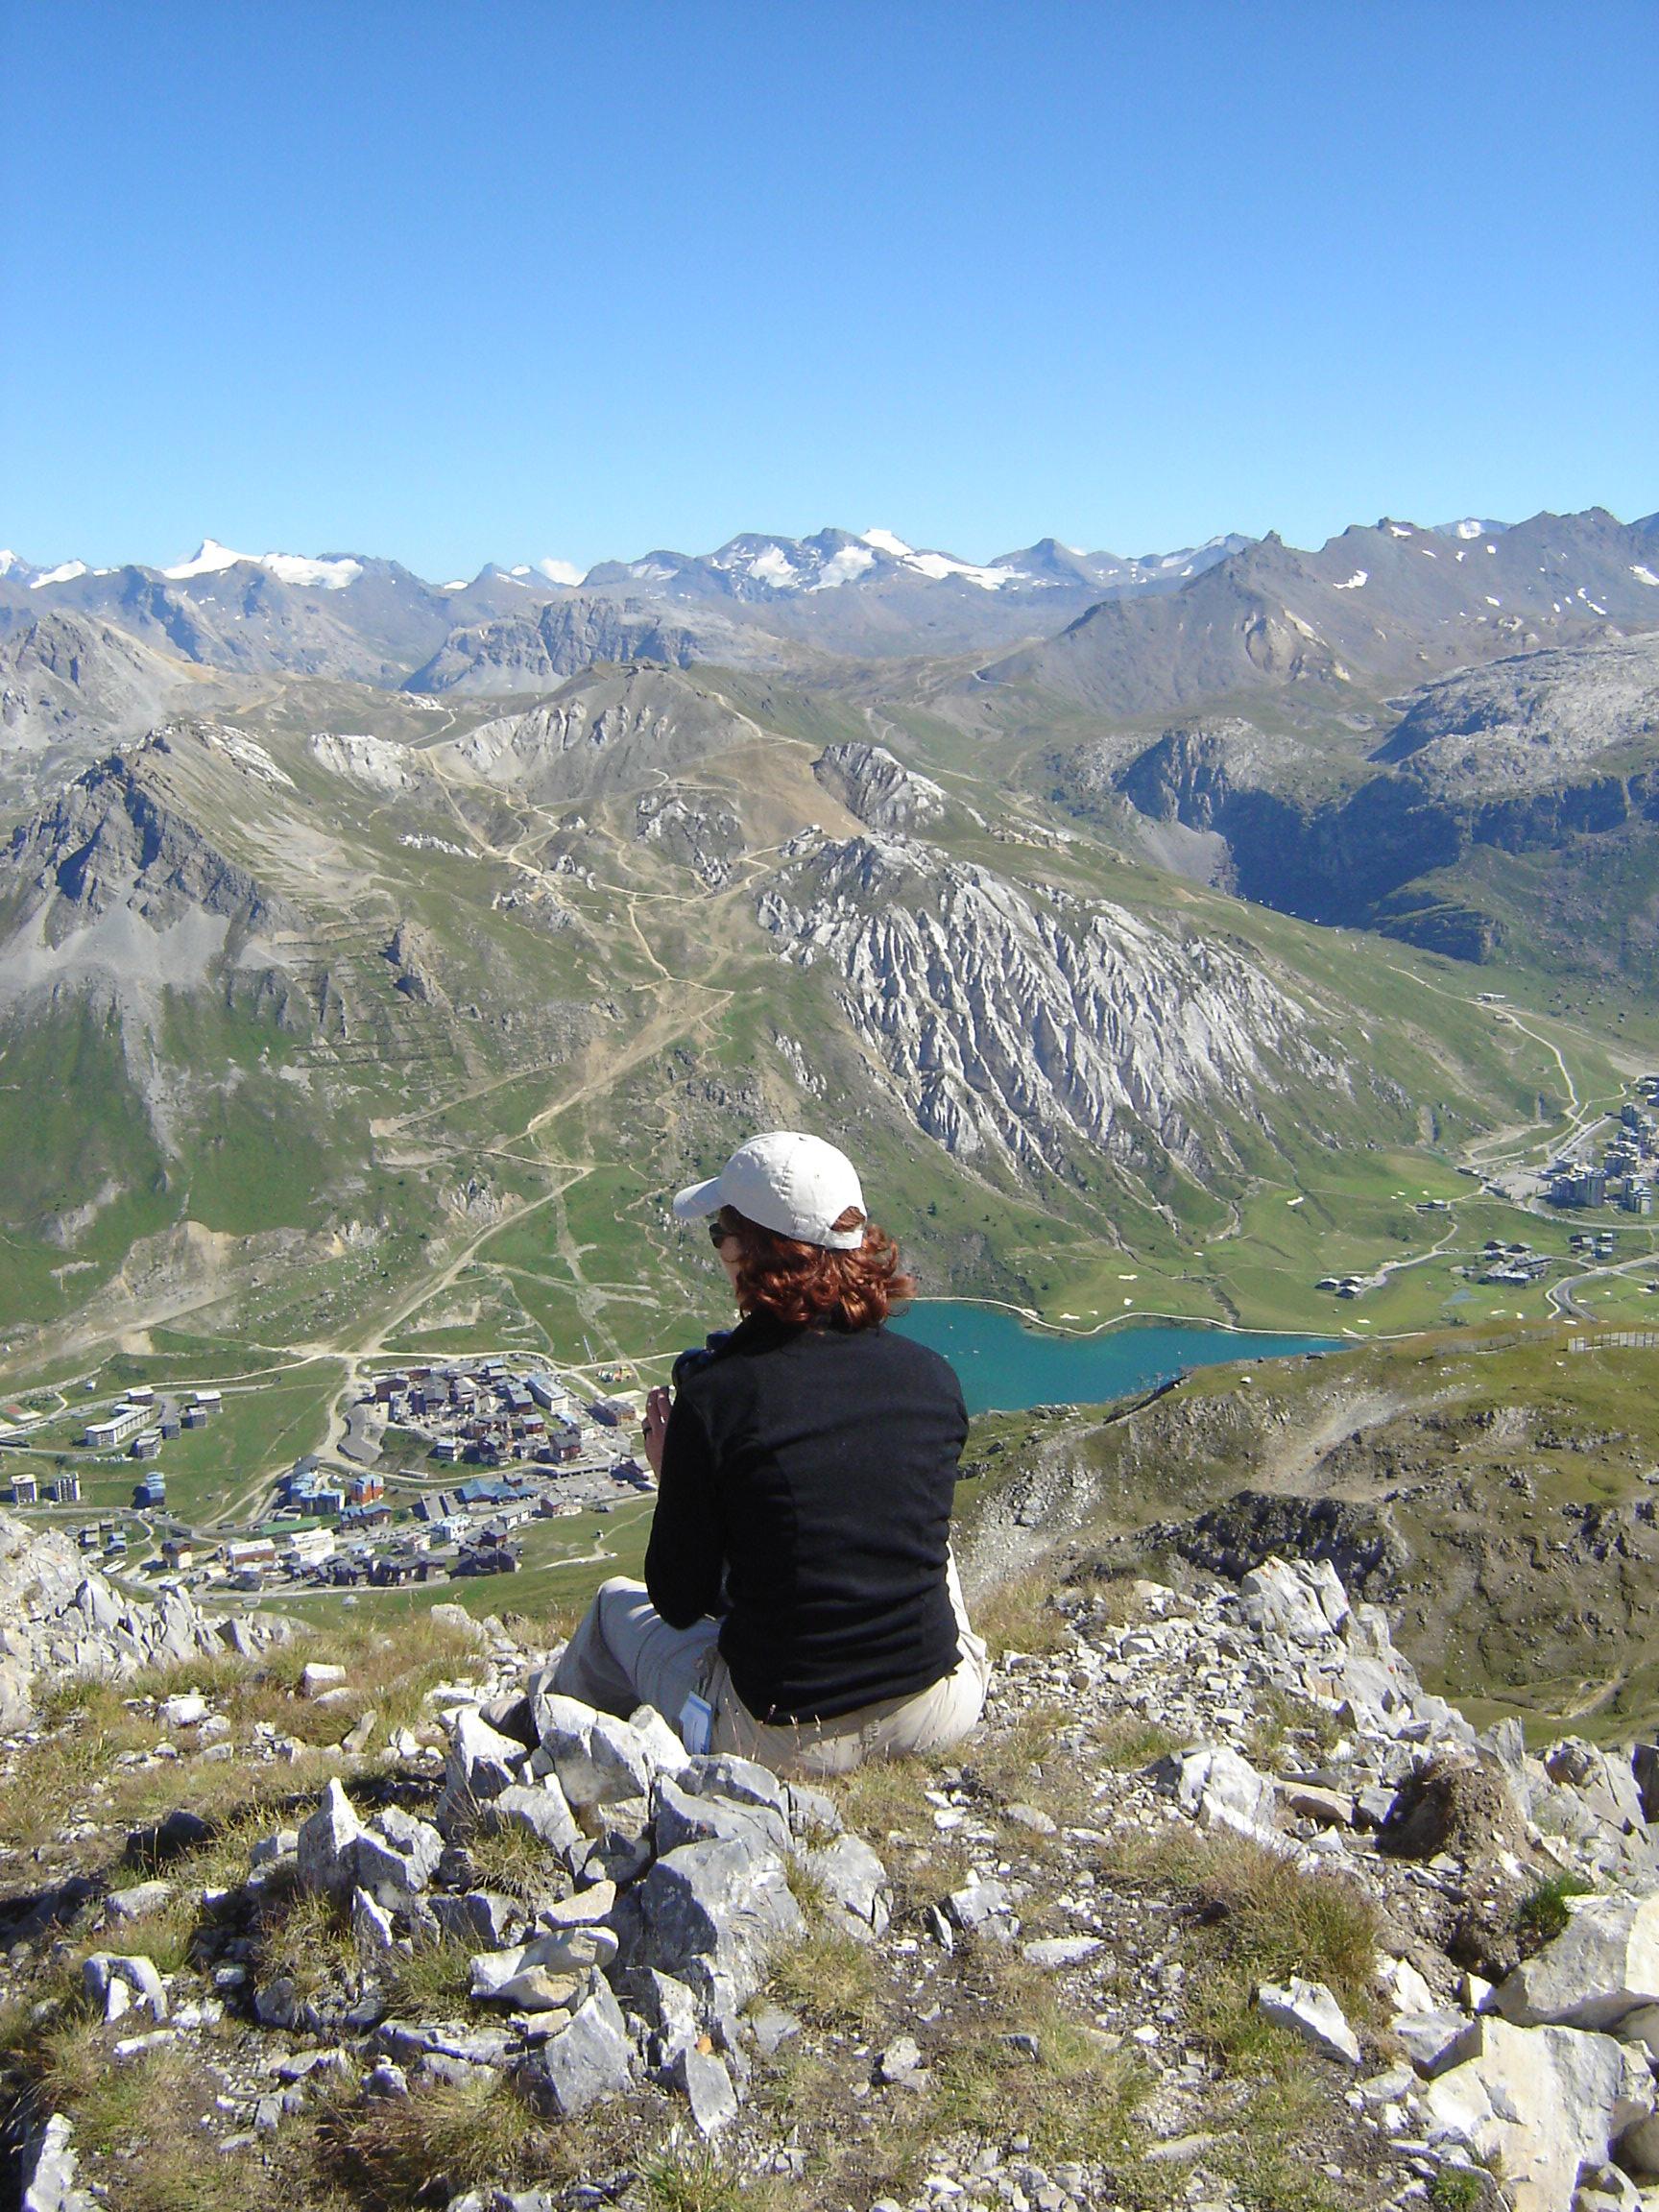 Partir seule en voyage, sortir de sa zone de confort, prendre soin de soi, alléger sa charge mentale, suivre ses propres rythmes